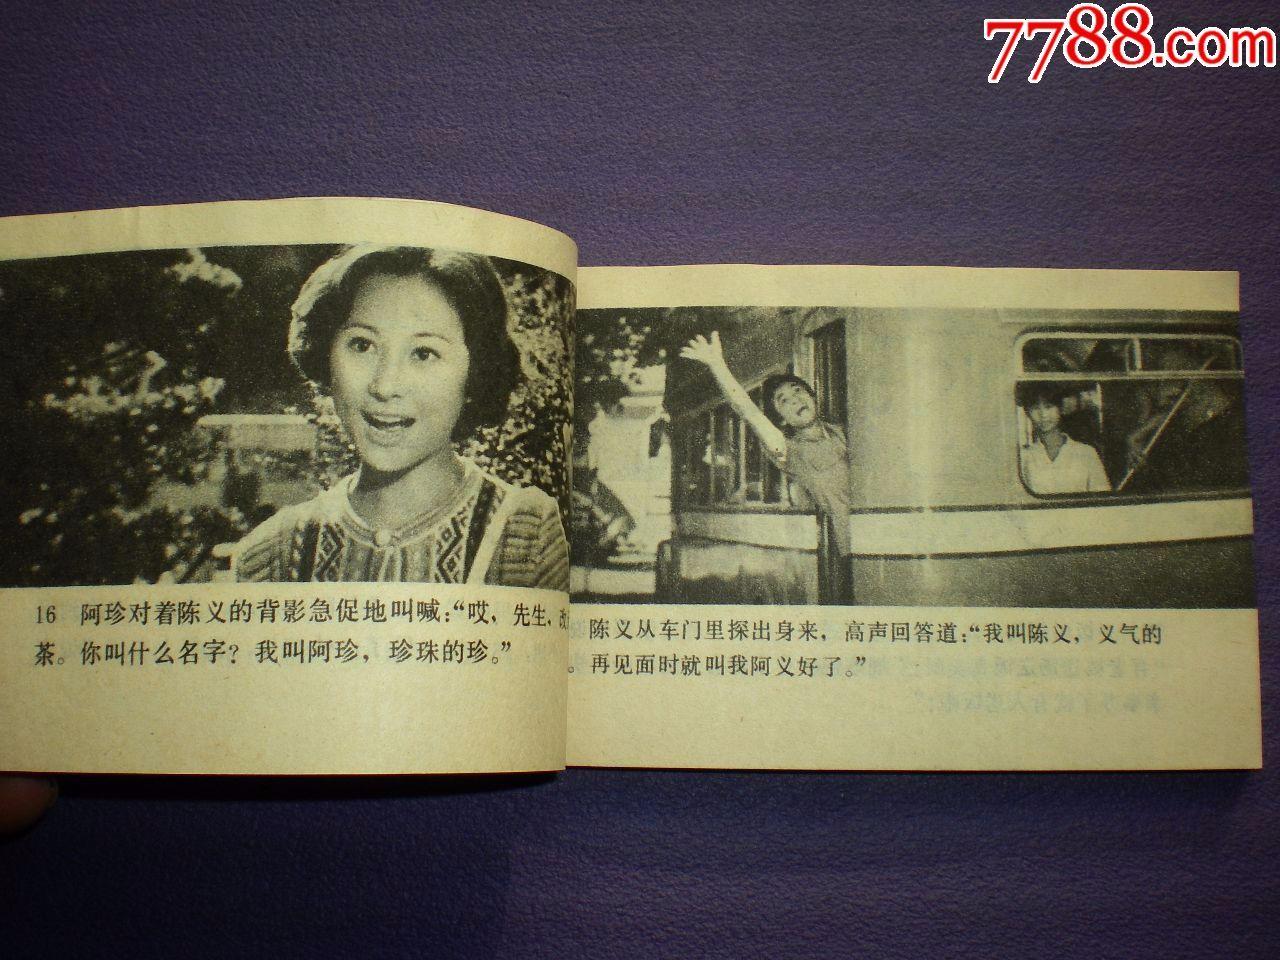 香港李燕燕主演,连环画《巴士奇遇结良缘》中国电影出版社,一版一印.